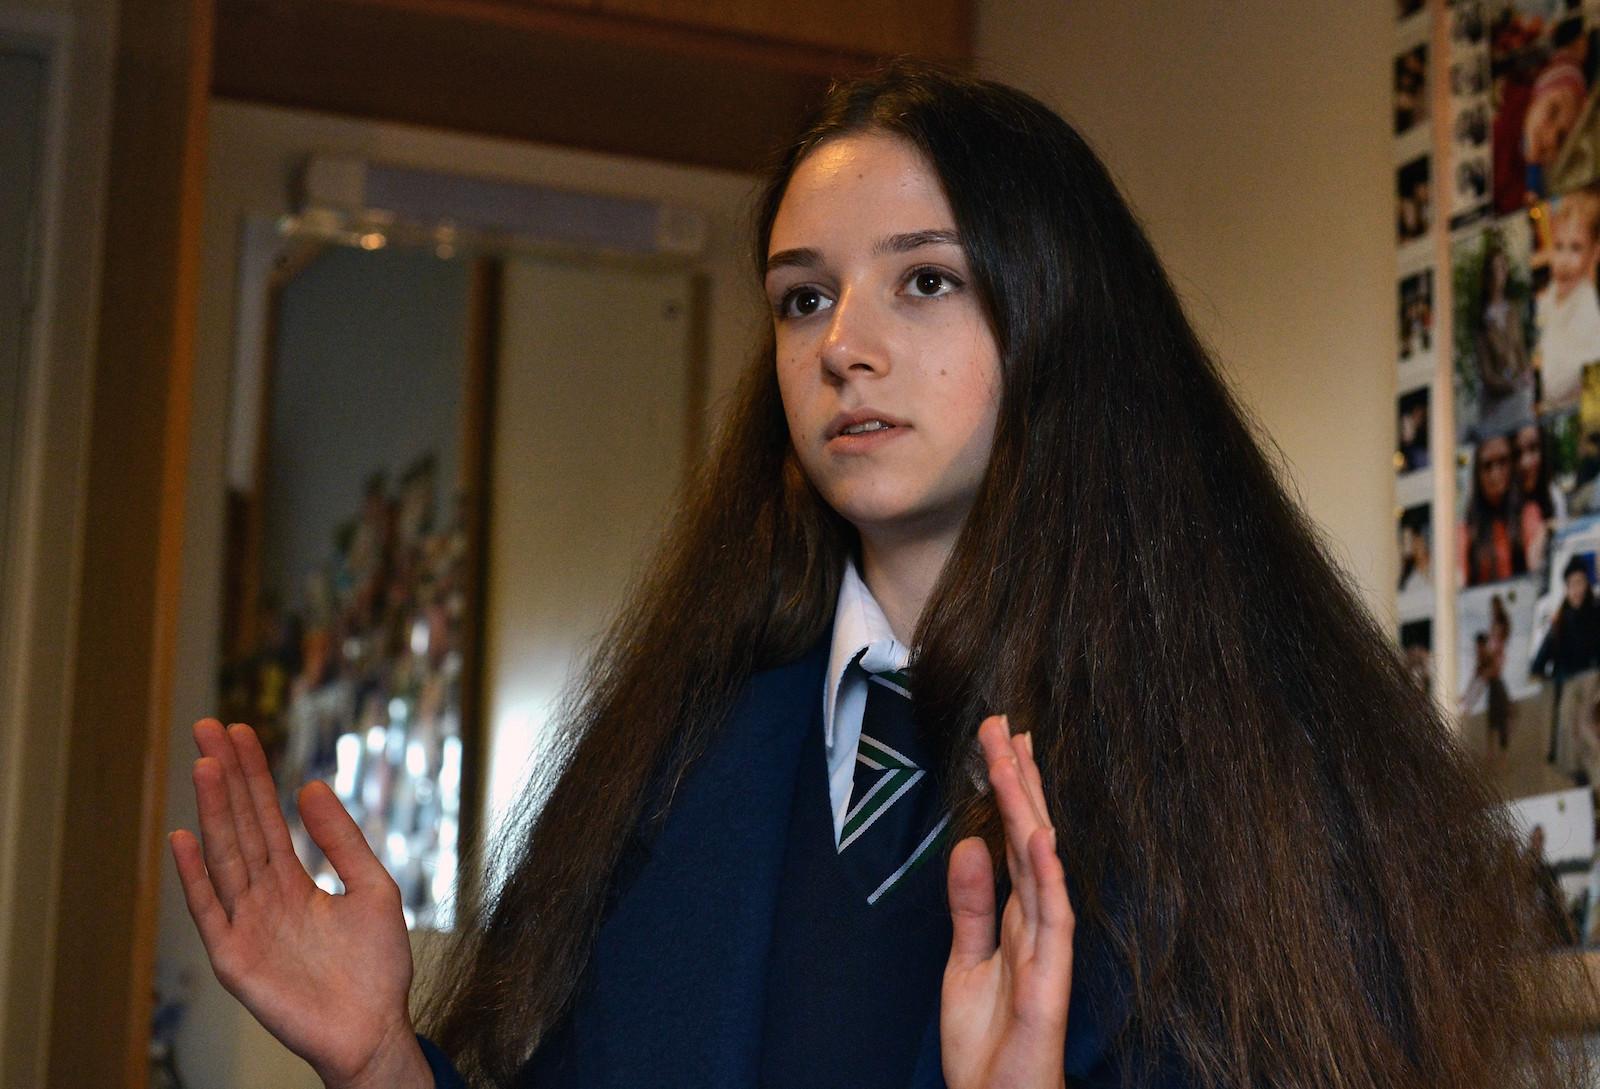 Дочка Ани Лорак учится в элитной школе, обучение в которой стоит 2 млн в год